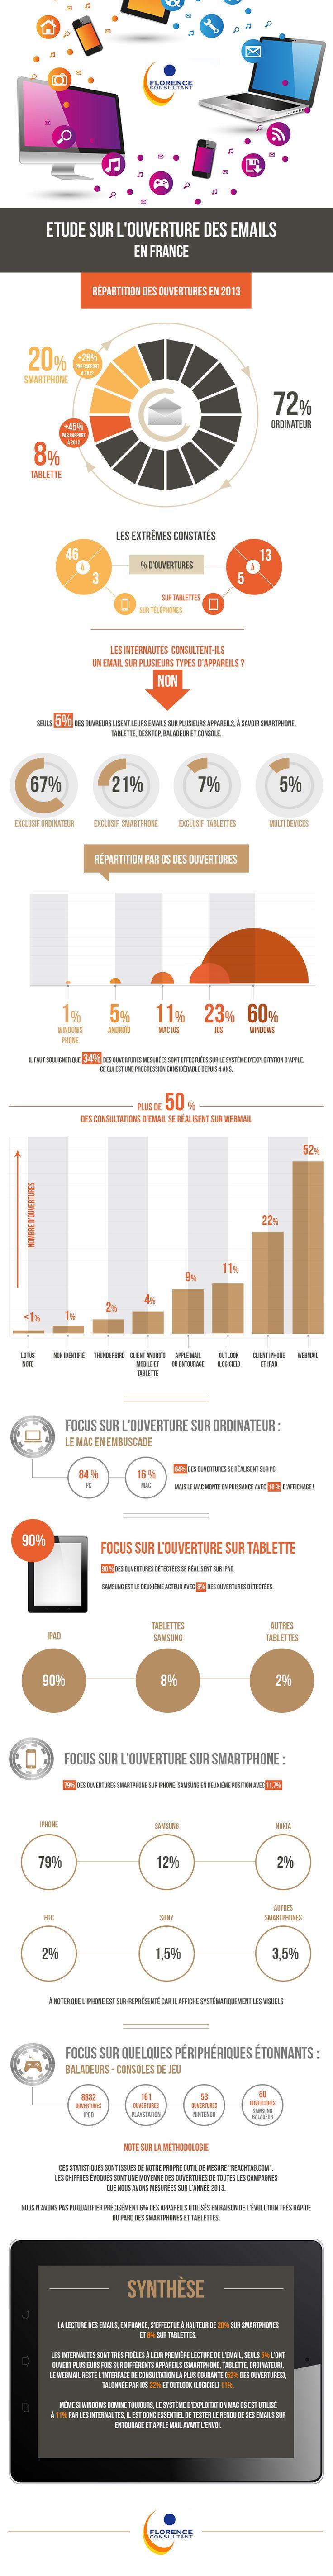 Comment les français ouvrent-ils leurs mails ? #emailmarketing #webmarketing #emailling